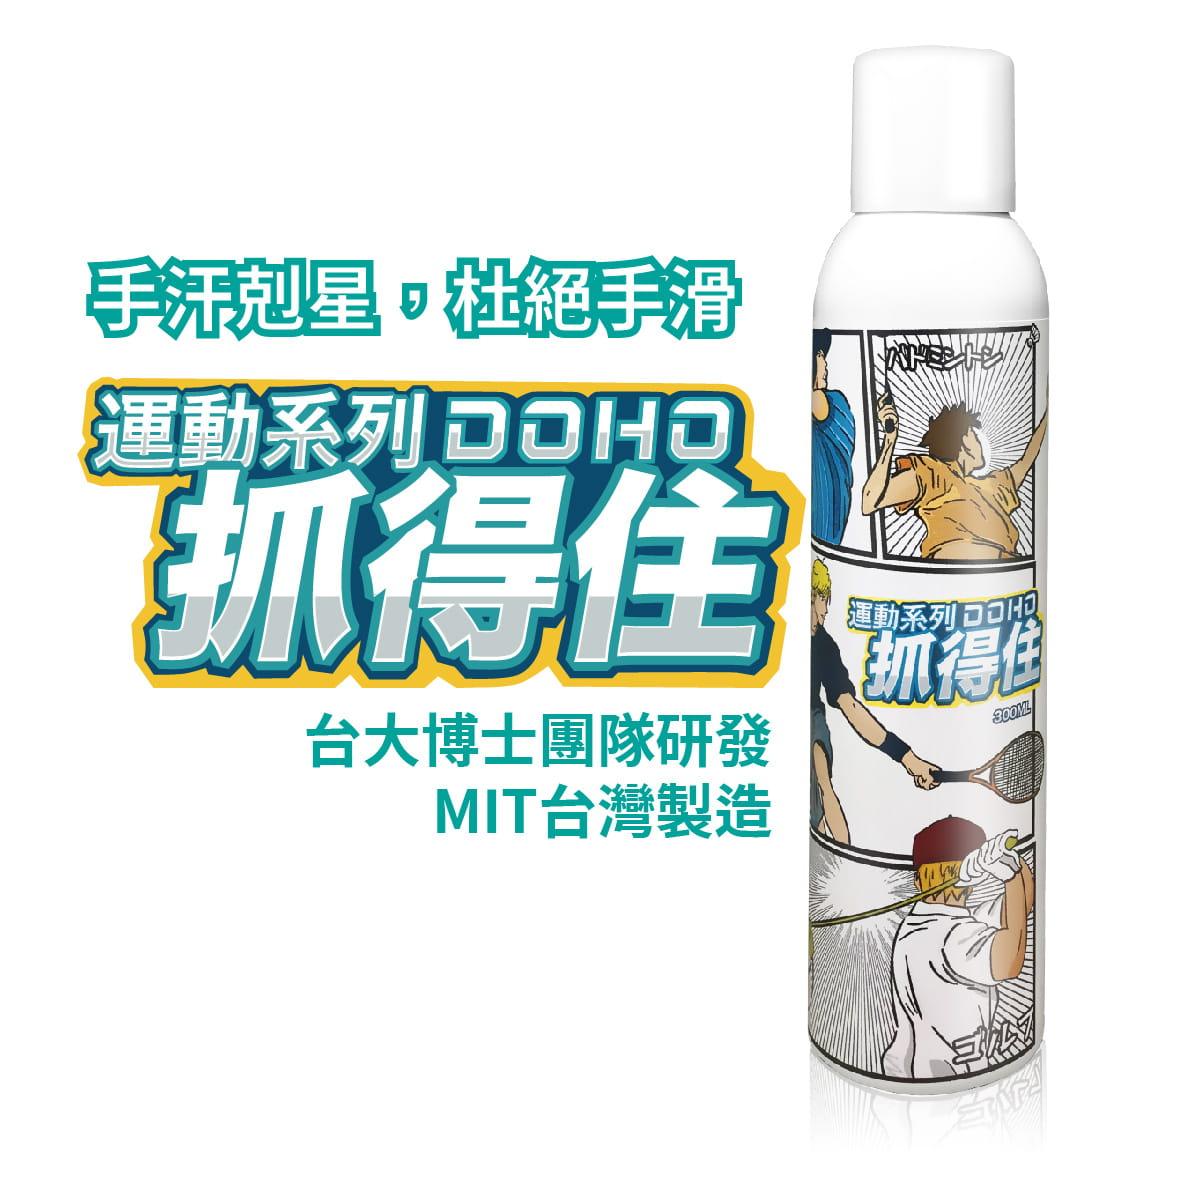 【DOHO】 抓得住運動防護止滑噴霧 0